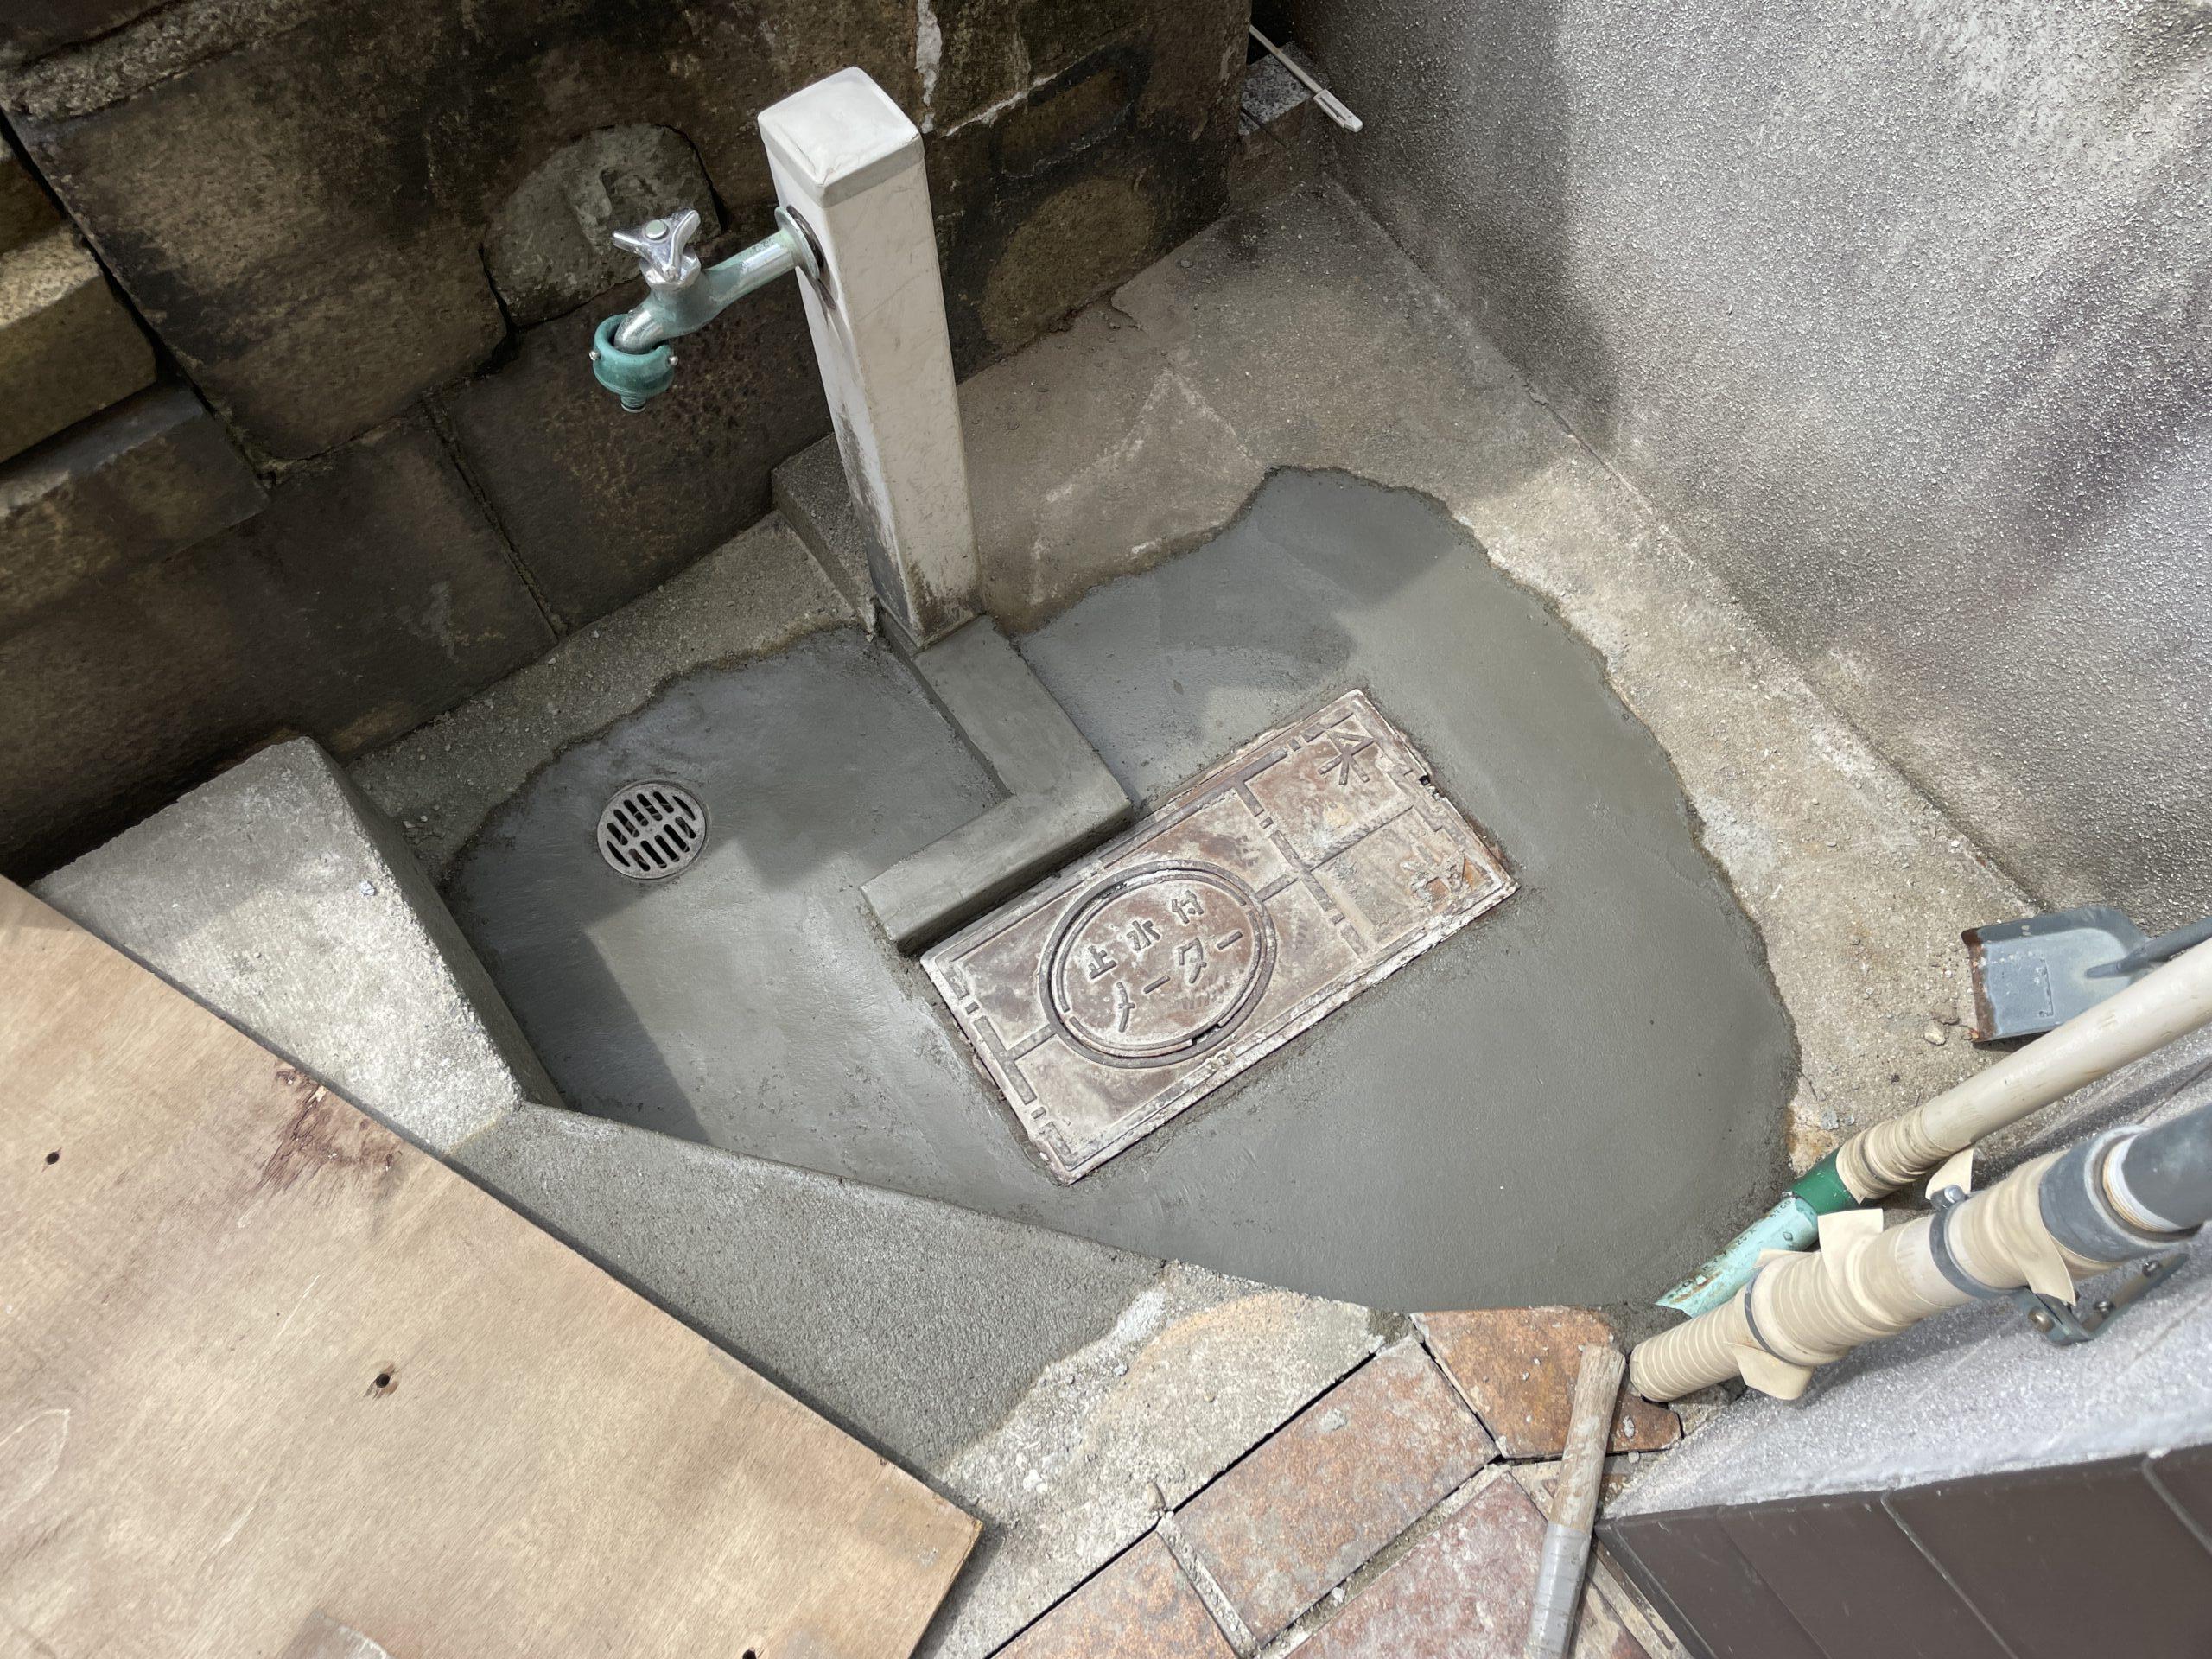 天王寺区 水漏れ修理 施工後⑤